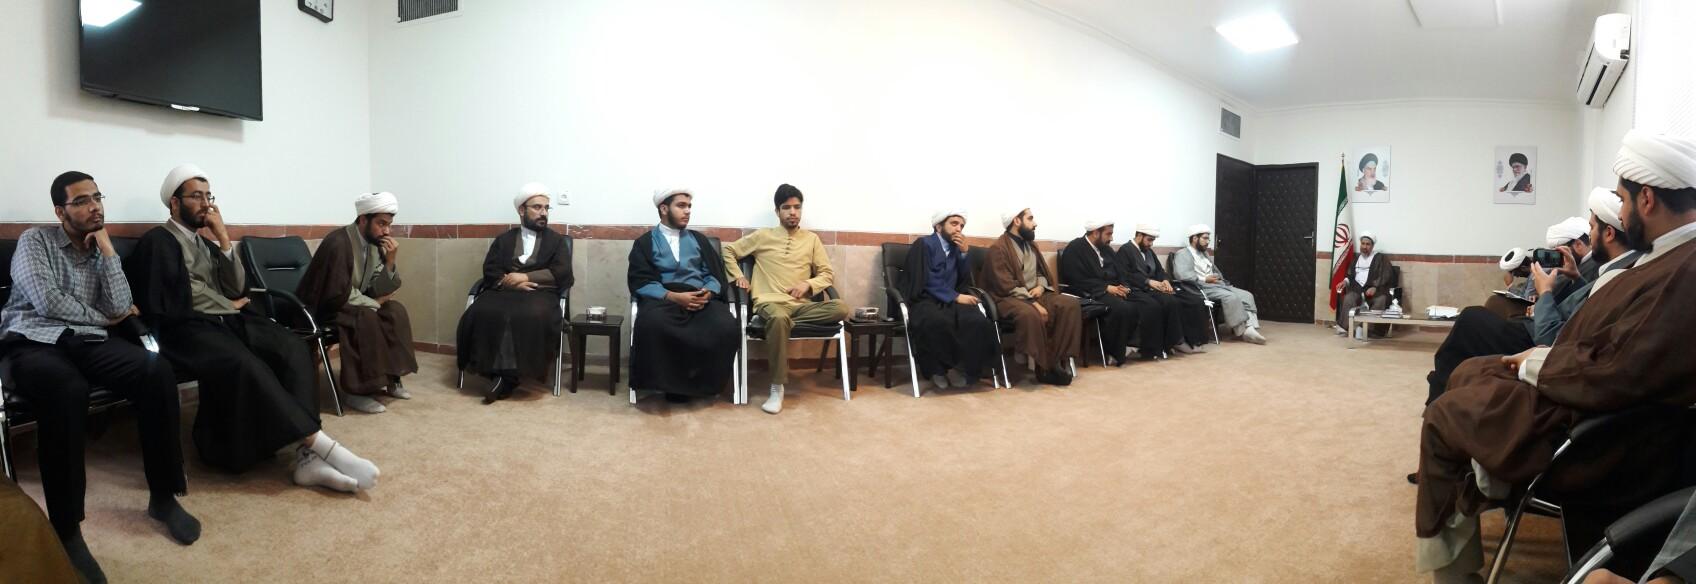 گزارش تصویری دیدار مبلغان موسسه شهیدین با حجه الاسلام علیدادی نماینده ولی فقیه در استان کرمان